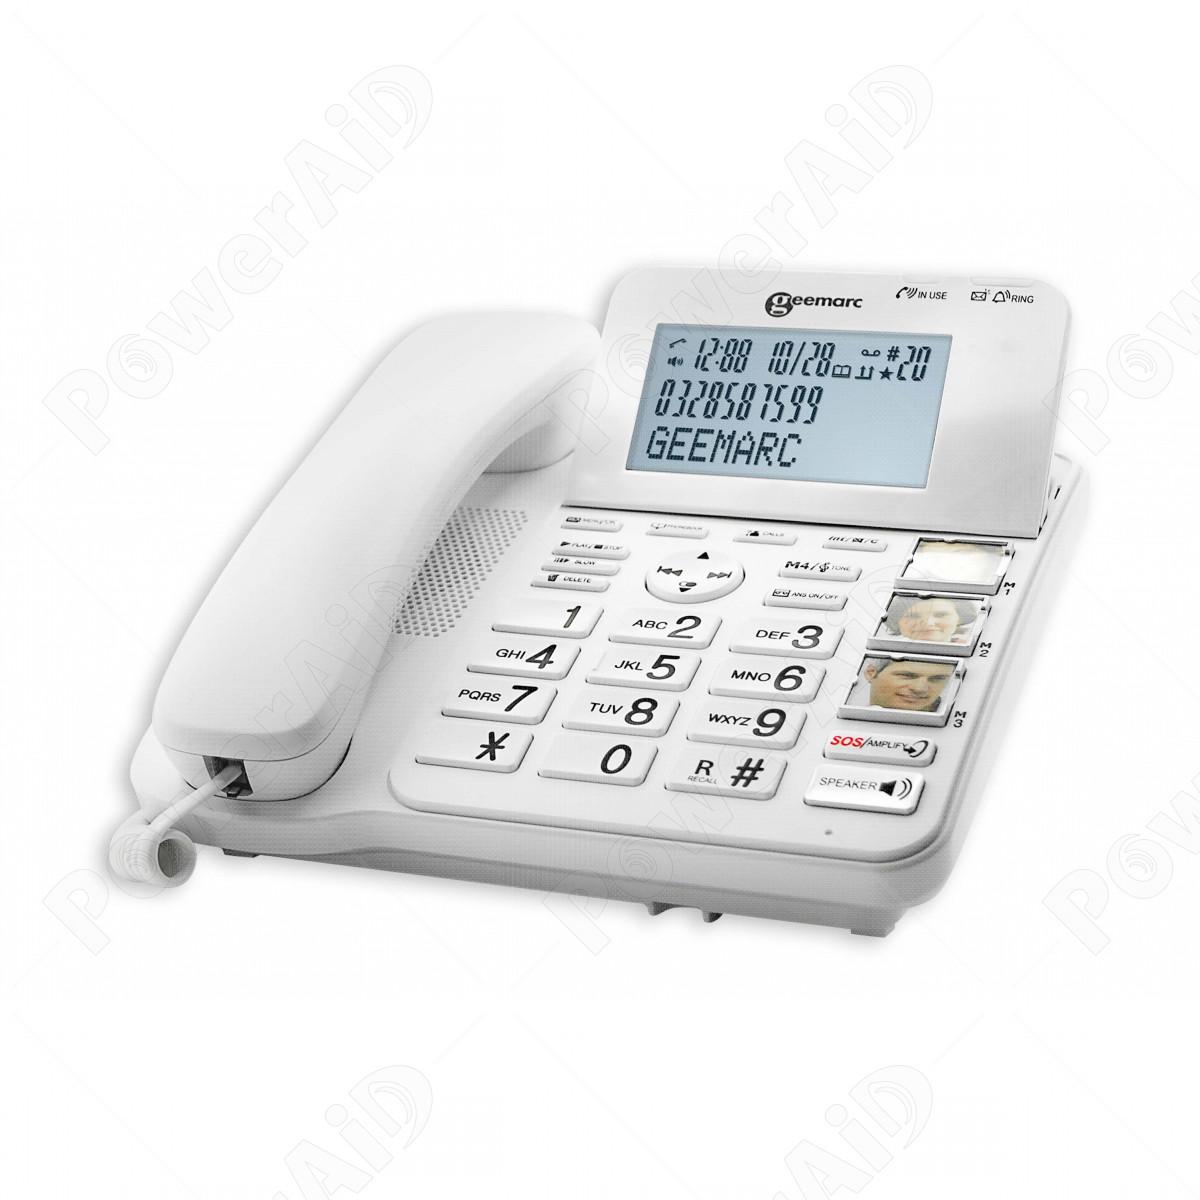 Geemarc - CL 595 - Telefono amplificato con segreteria